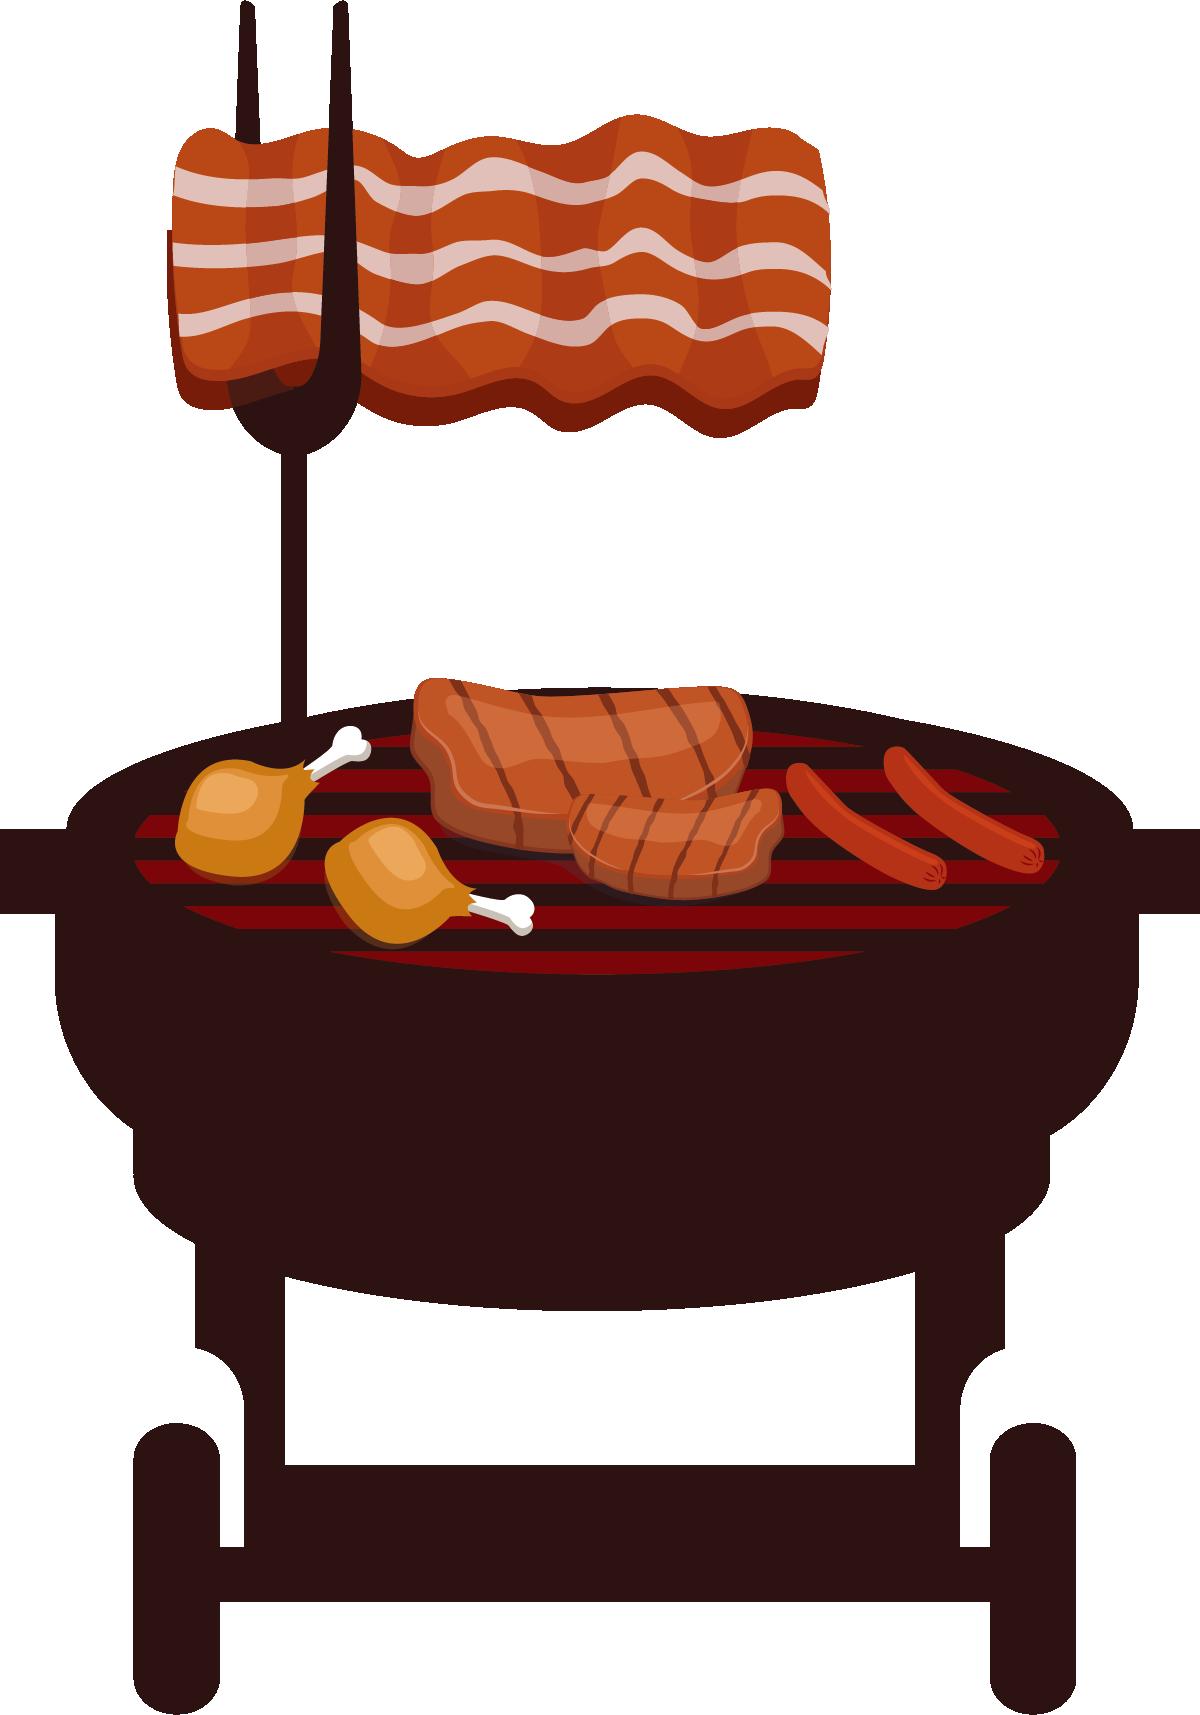 Grilling clipart picnic table umbrella. Barbecue grill barbacoa churrasco